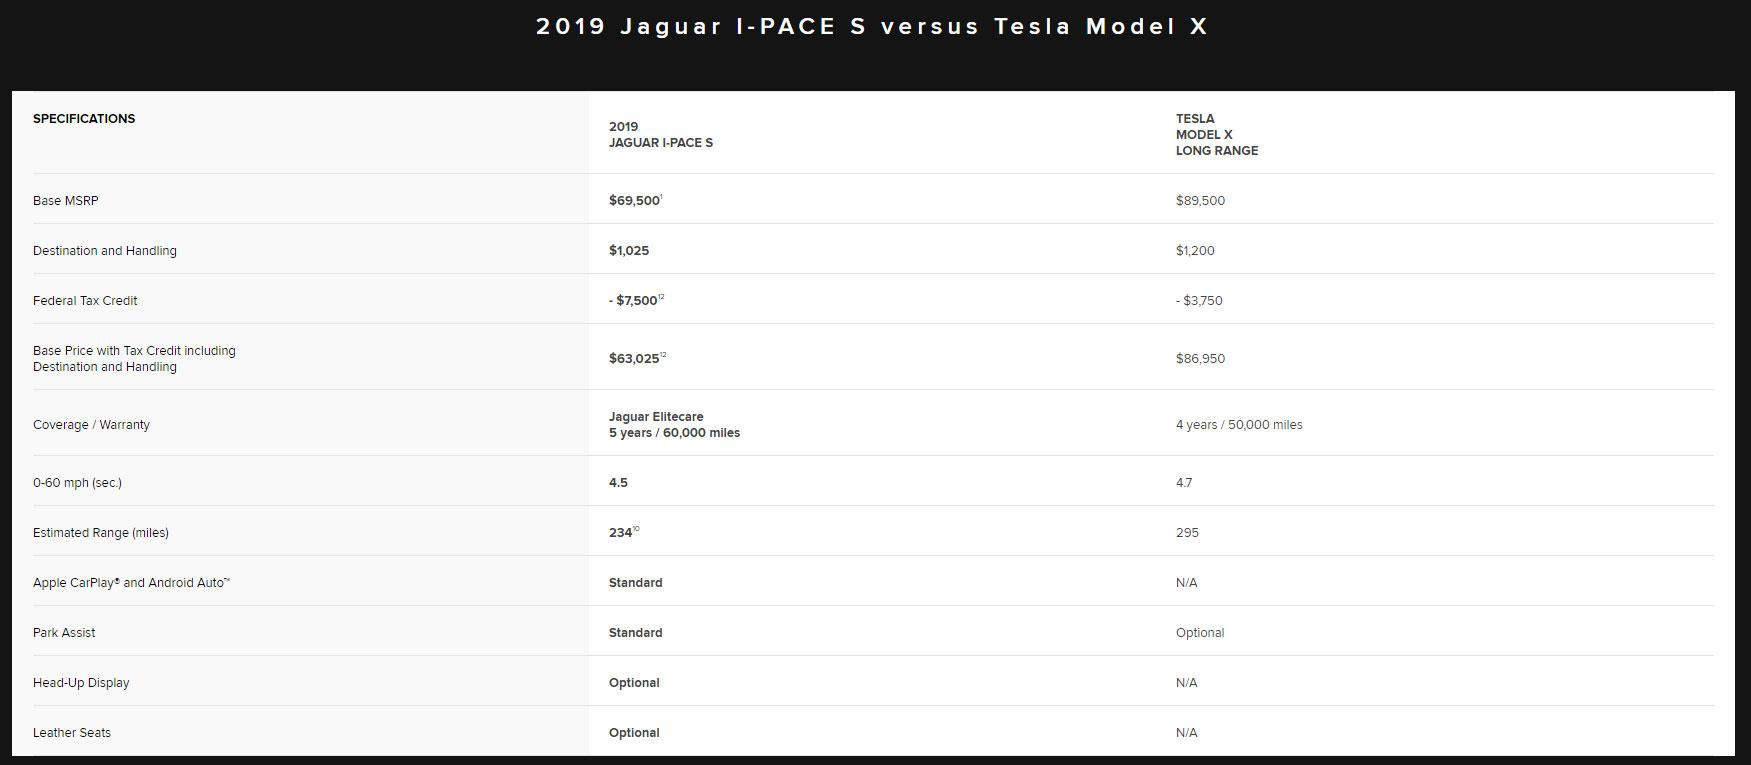 Jaguar I-Pace vs. Tesla Model X brief comparison shown on Jaguar's I-Pace web page.